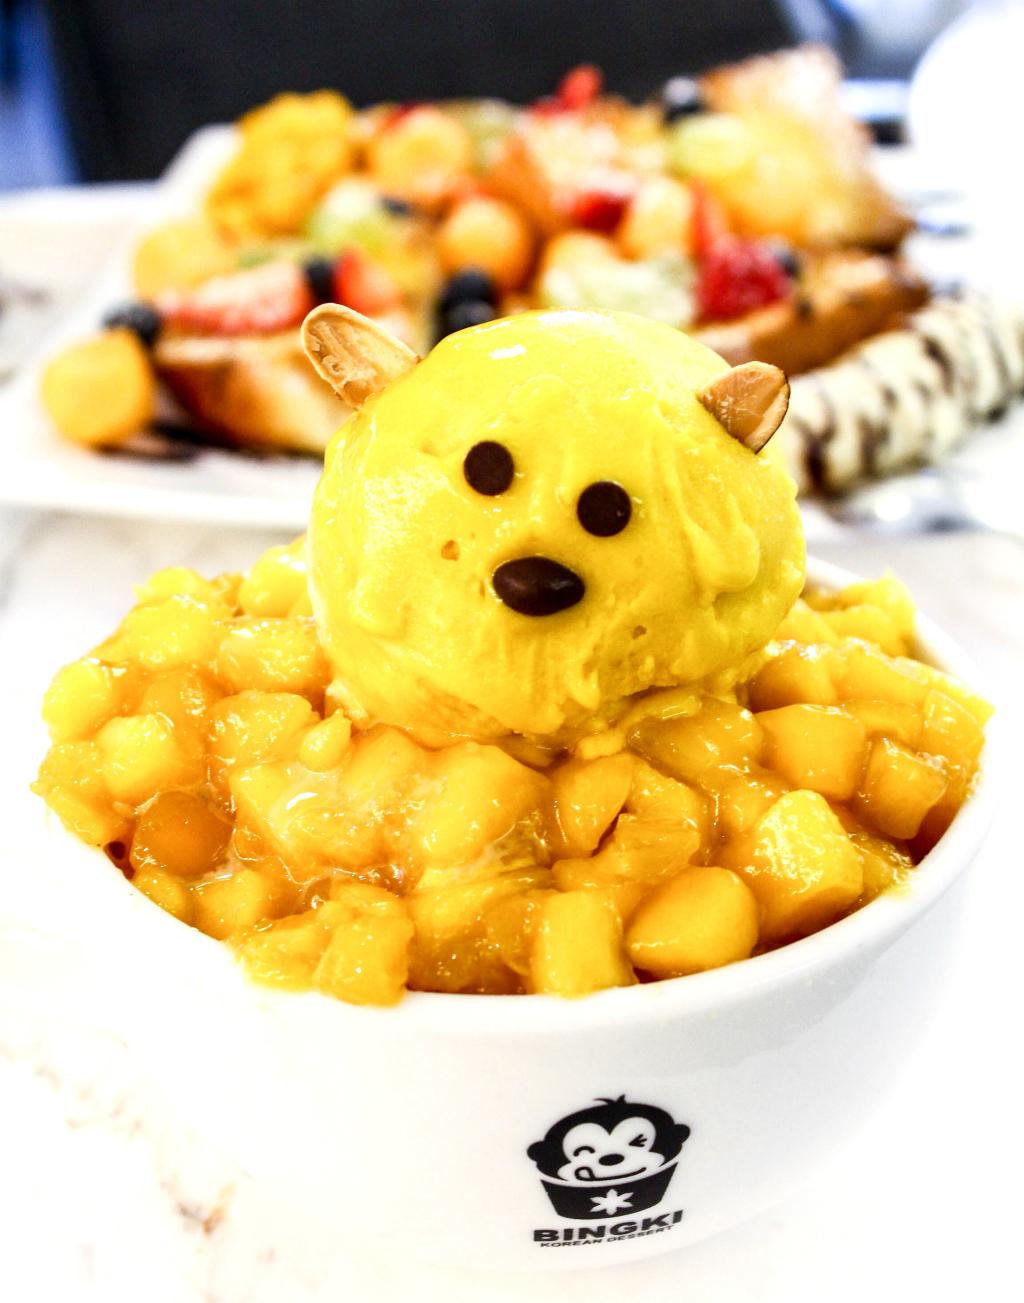 Bingki Cafe: Mango Bingsu